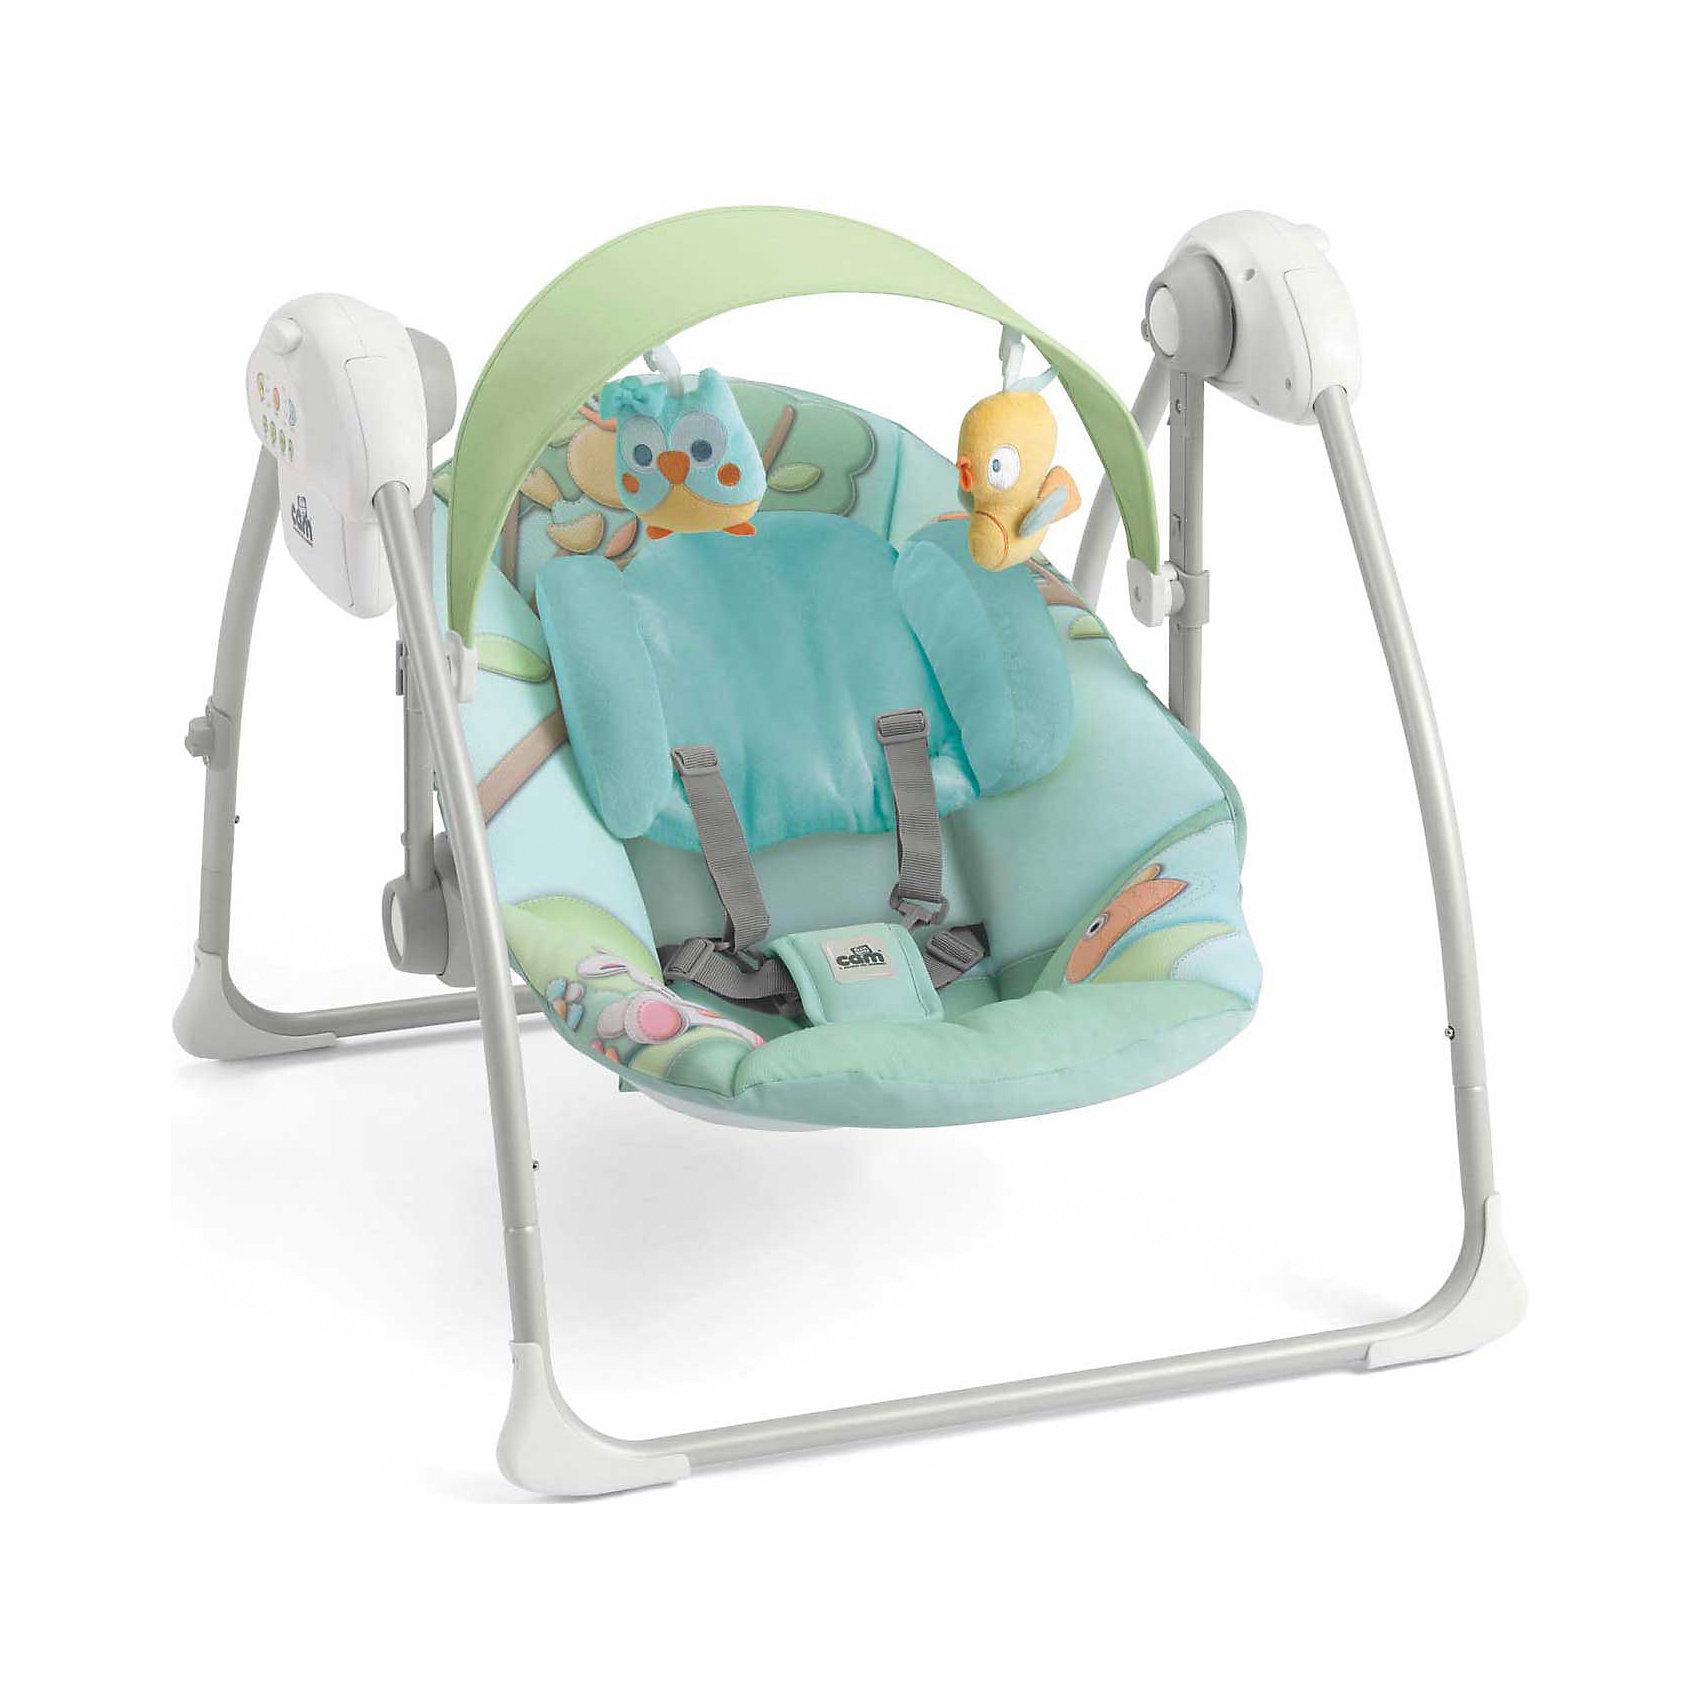 Качели-шезлонг Sonnolento Совы, CAM, голубойКачели электронные<br>Качели-шезлонг подходят для детей с самого рождения. Модель имеет удобную спинку с 5 положениями, мягкое сиденье и мягкий подголовник для еще большего комфорта малыша. Летний козырек от солнца с двумя съёмными игрушками, регулируется по высоте в 2-х положениях. Пятиточечные страховочные ремни обеспечат безопасность крохи.  Очень легкая и компактная модель быстро складывается и раскладывается, занимает мало места при хранении и транспортировке.  Три скорости качания, 5 колыбельных мелодий и 3 различных варианта звуков природы успокоят малыша, настроив его на комфортный отдых. Шезлонг изготовлен из прочных, высококачественных материалов, безопасен для детей. <br><br>Дополнительная информация:<br><br>-Размеры в разложенном виде: 61,5 x 64 x 58 см. <br>- Размеры в сложенном виде: 61,5 x 26 x 63 см. <br>- Вес: 4 кг.<br>- Максимальный вес ребенка: 9 кг. <br>- Материал: пластик, металл, текстиль. <br>- Регулировка козырька в 2 положениях.<br>- 2 мягкие игрушки. <br>- Мягкое сиденье и подголовник.<br>- Регулируемая в 5 положениях спинка.<br>- 5 колыбельных мелодий, 3 вариации звуков природы. <br>- 3 скорости качания.<br>- Таймер с автоматическим выключением (8-15-30 мин).<br>- Регулировка громкости.<br>- Ножки с нескользящими резиновыми вставками<br>- Если заблокировать сиденье, можно использовать как колыбель.<br>- Съемный чехол (возможна машинная стирка при 30?). <br>- Питание от батареек (4 батареи - 1,5 вольт, не входят в комплект) или от сети.<br><br>Качели-шезлонг Sonnolento Совы, CAM, голубые, можно купить в нашем магазине.<br><br>Ширина мм: 440<br>Глубина мм: 415<br>Высота мм: 640<br>Вес г: 5200<br>Цвет: голубой<br>Возраст от месяцев: 0<br>Возраст до месяцев: 72<br>Пол: Унисекс<br>Возраст: Детский<br>SKU: 4443746